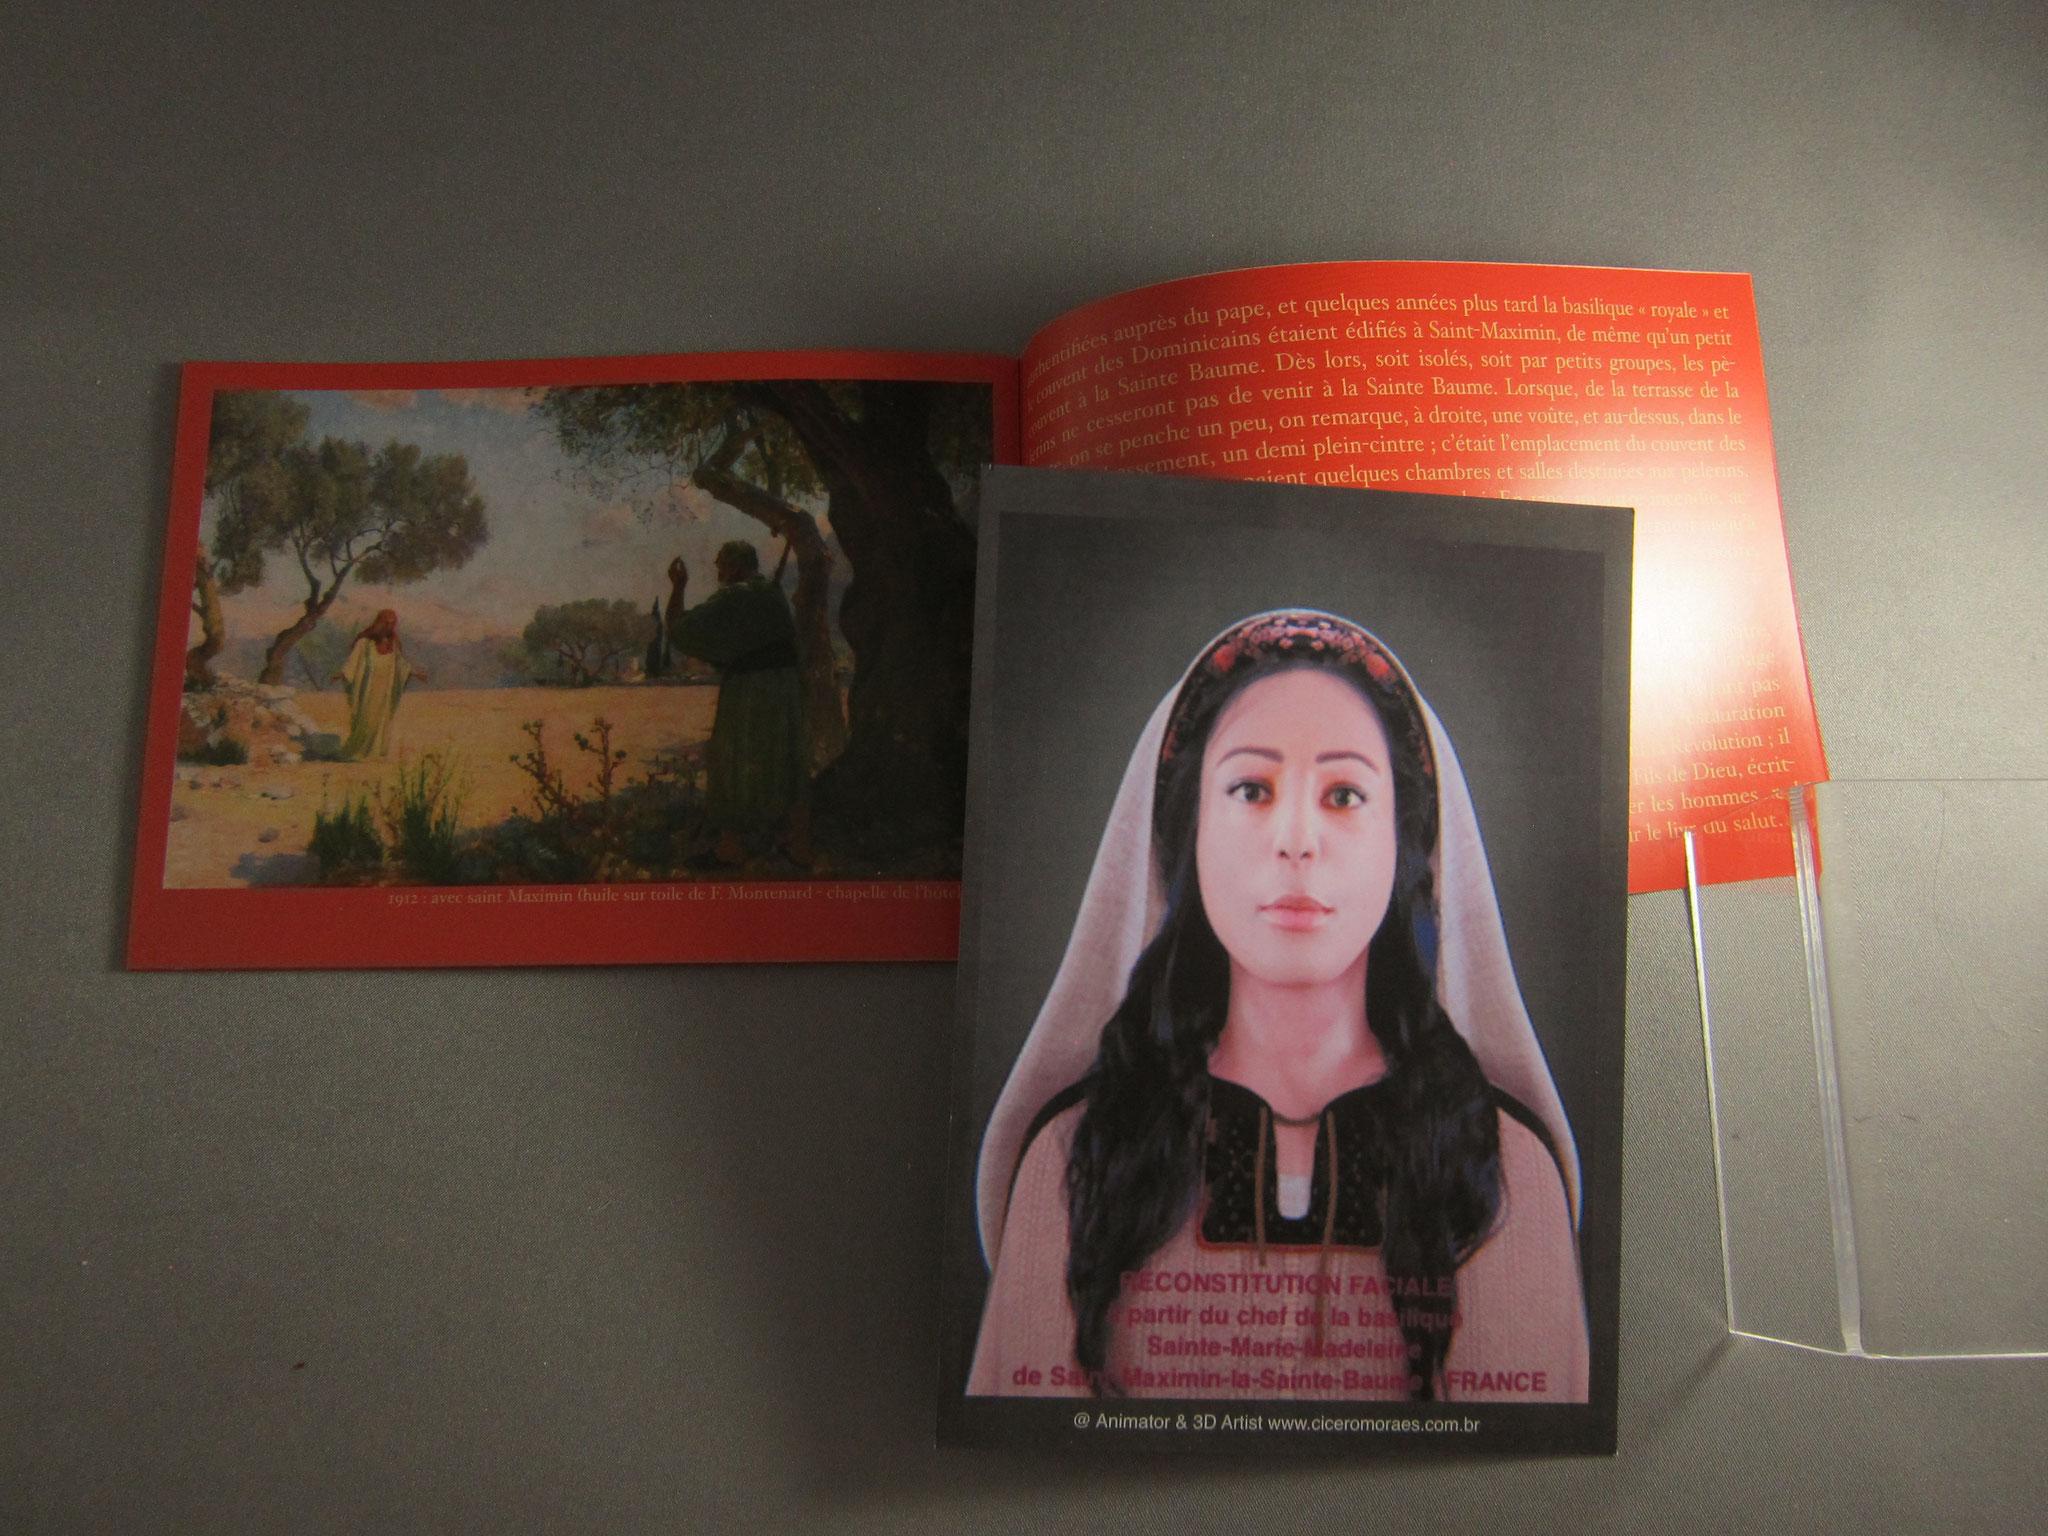 サンポームの伝記と復元されたマグダラのマリア